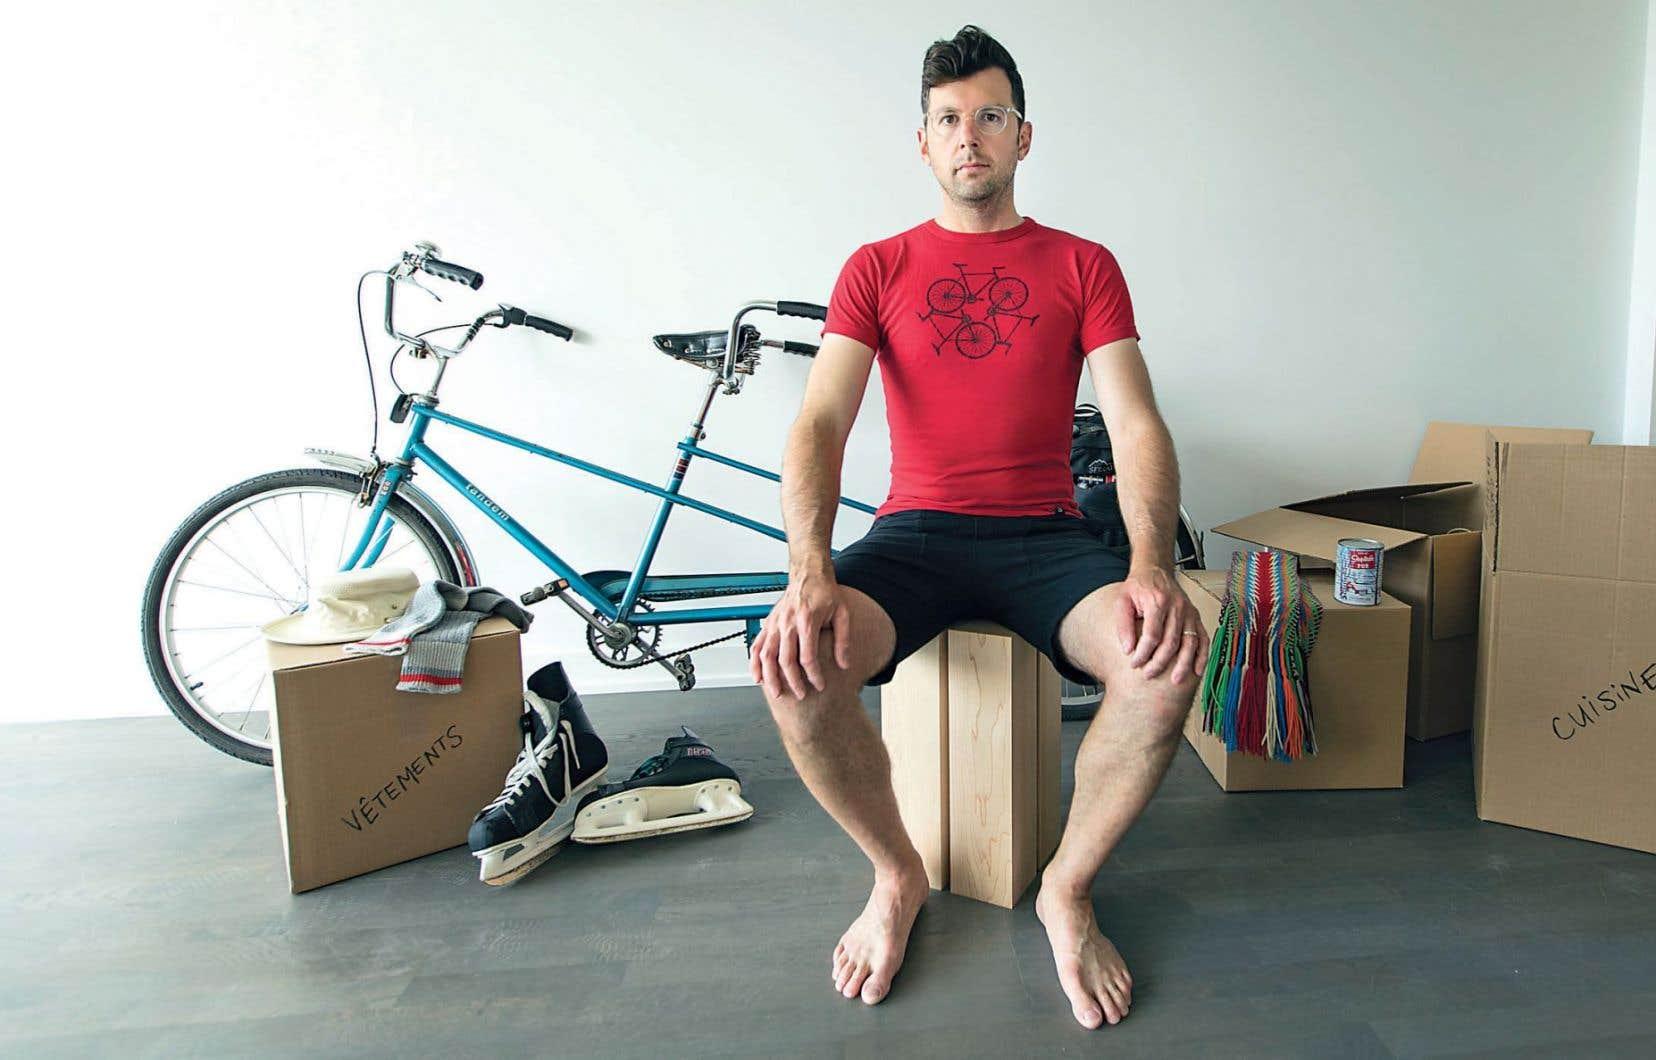 Pour mener à bien son expérience de consommation uniquement canadienne pendant un an, Frédéric Choinière a dû trouver des solutions pour ses meubles, ses électroménagers, sa nourriture, ses vêtements, ses appareils électriques.